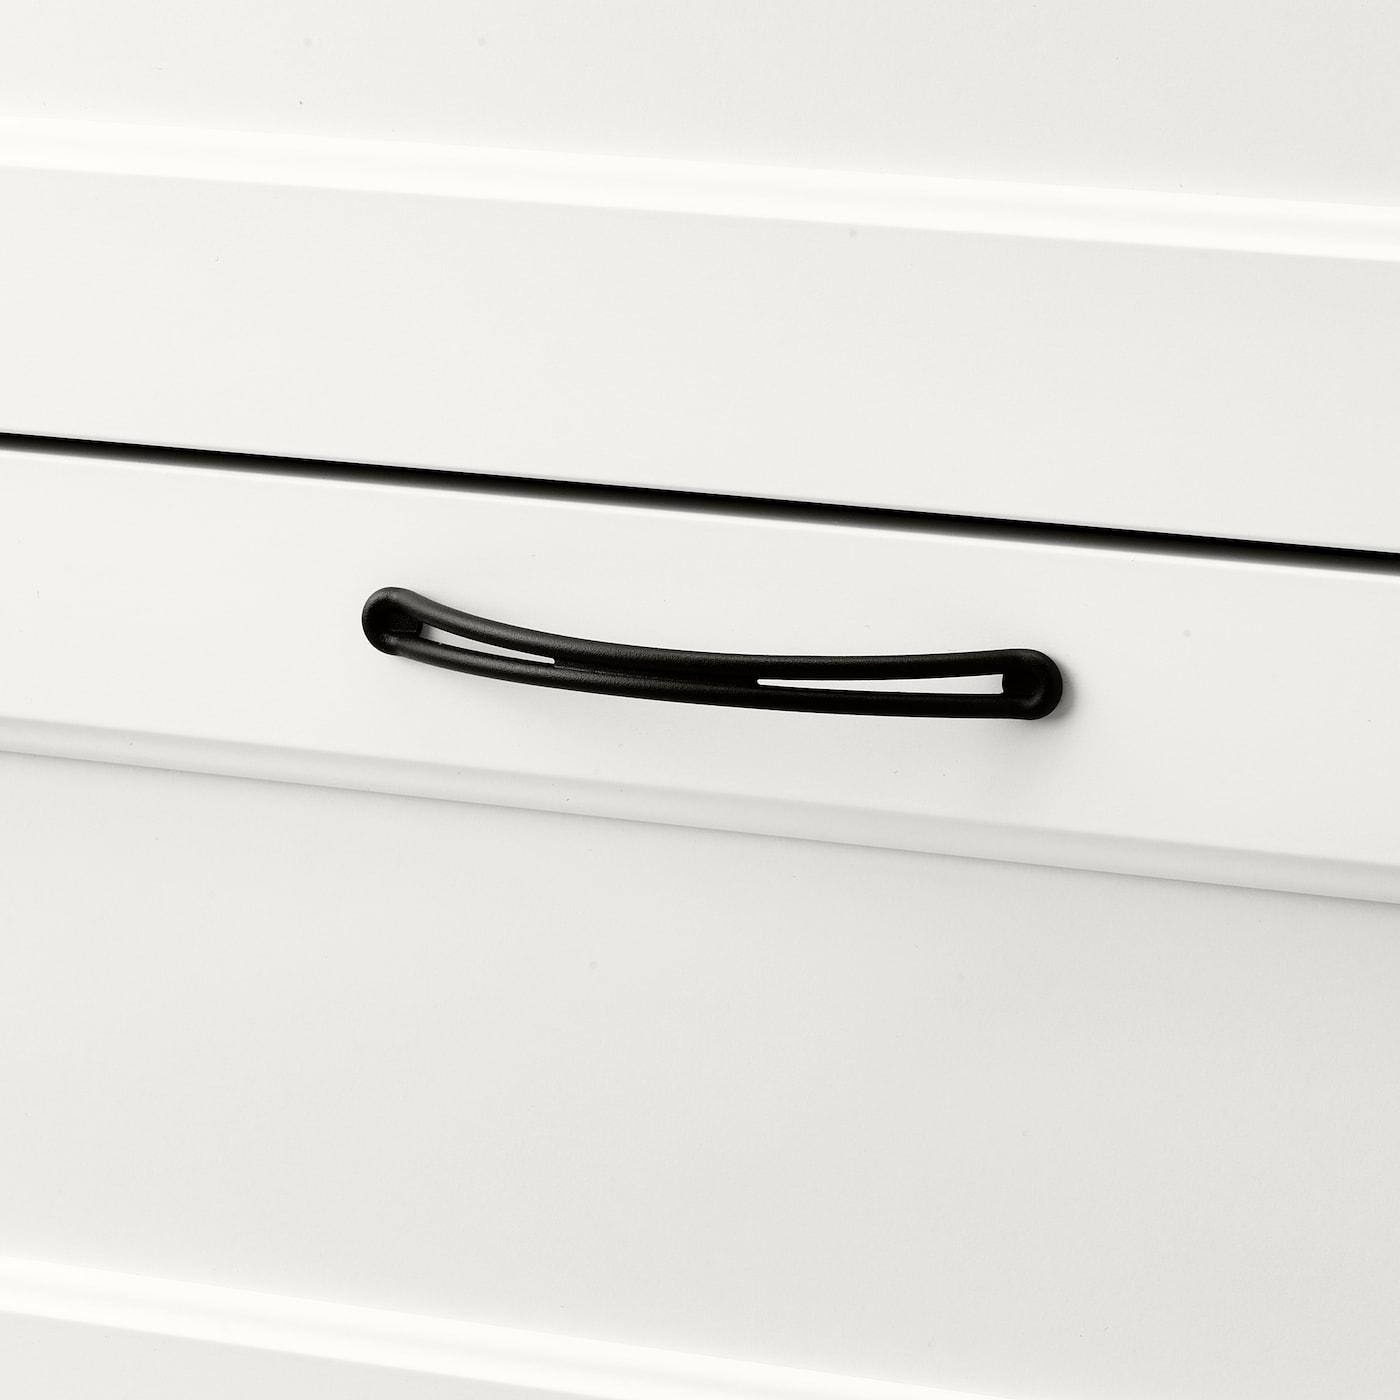 SONGESAND Komoda, 6 szuflad, biały, 82x126 cm